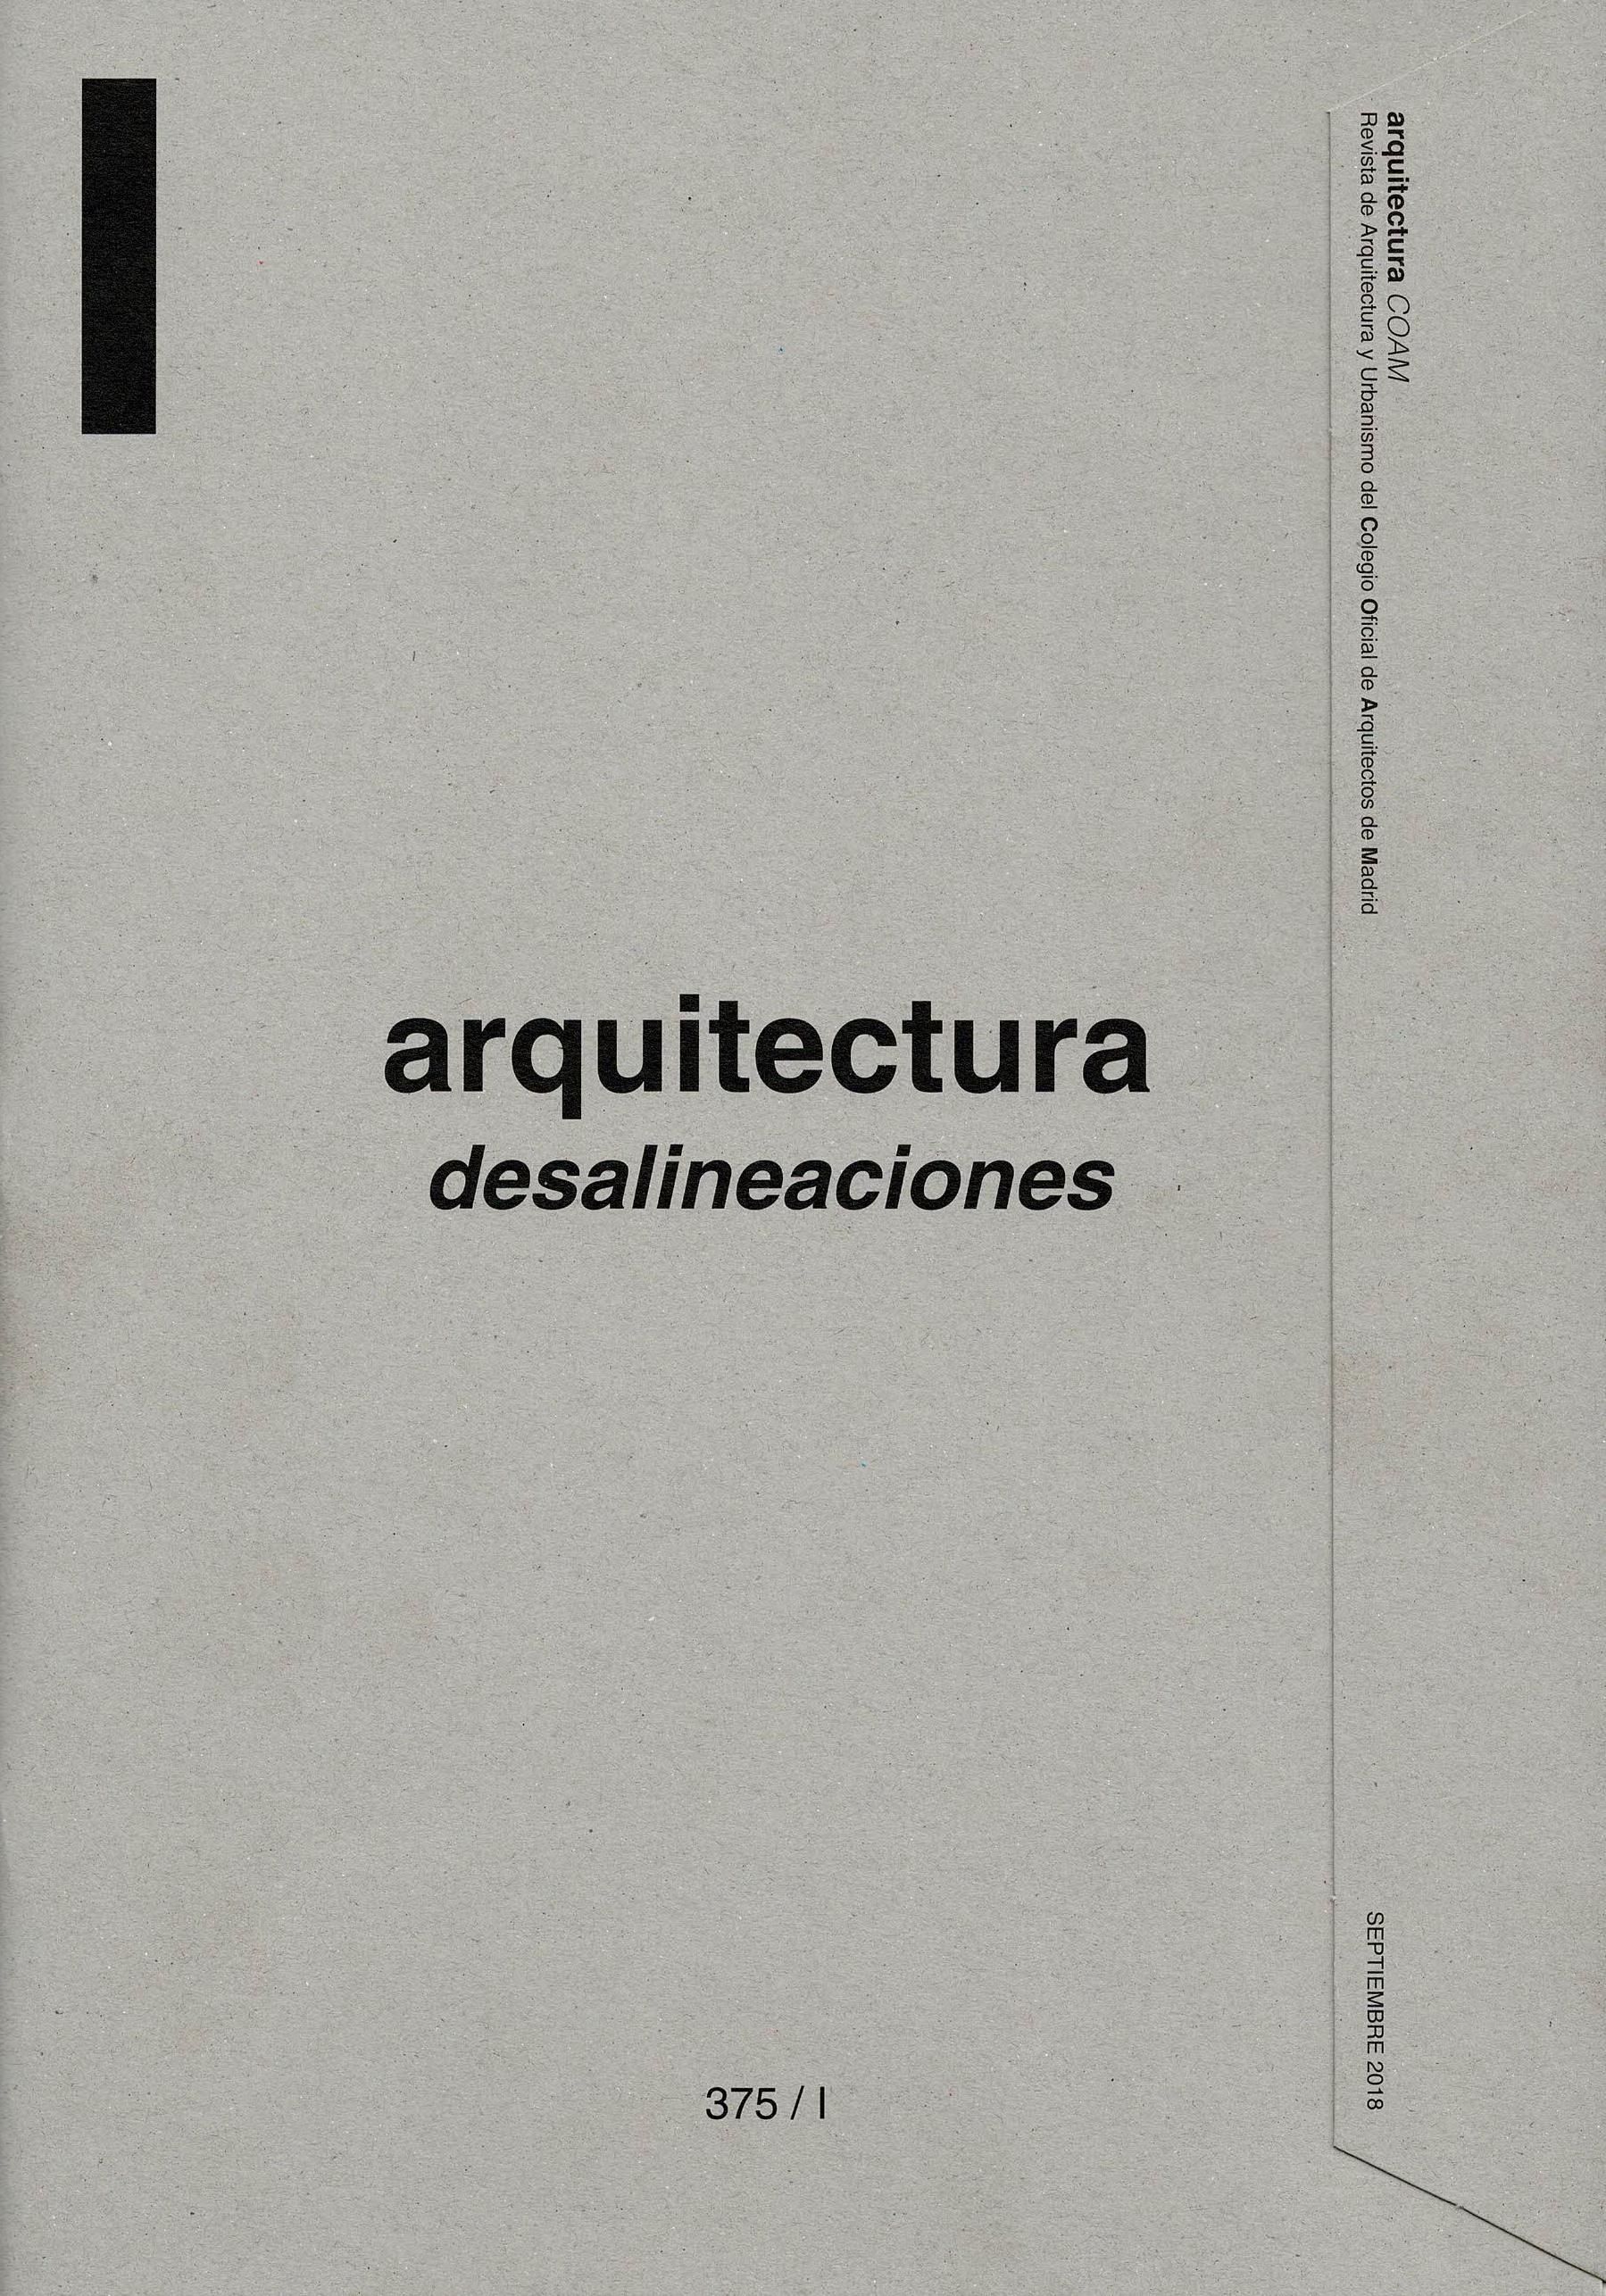 obra publicada - revista ARQUITECTURA COAM casa_iA LANDÍNEZ+REY arquitectos casa_iA